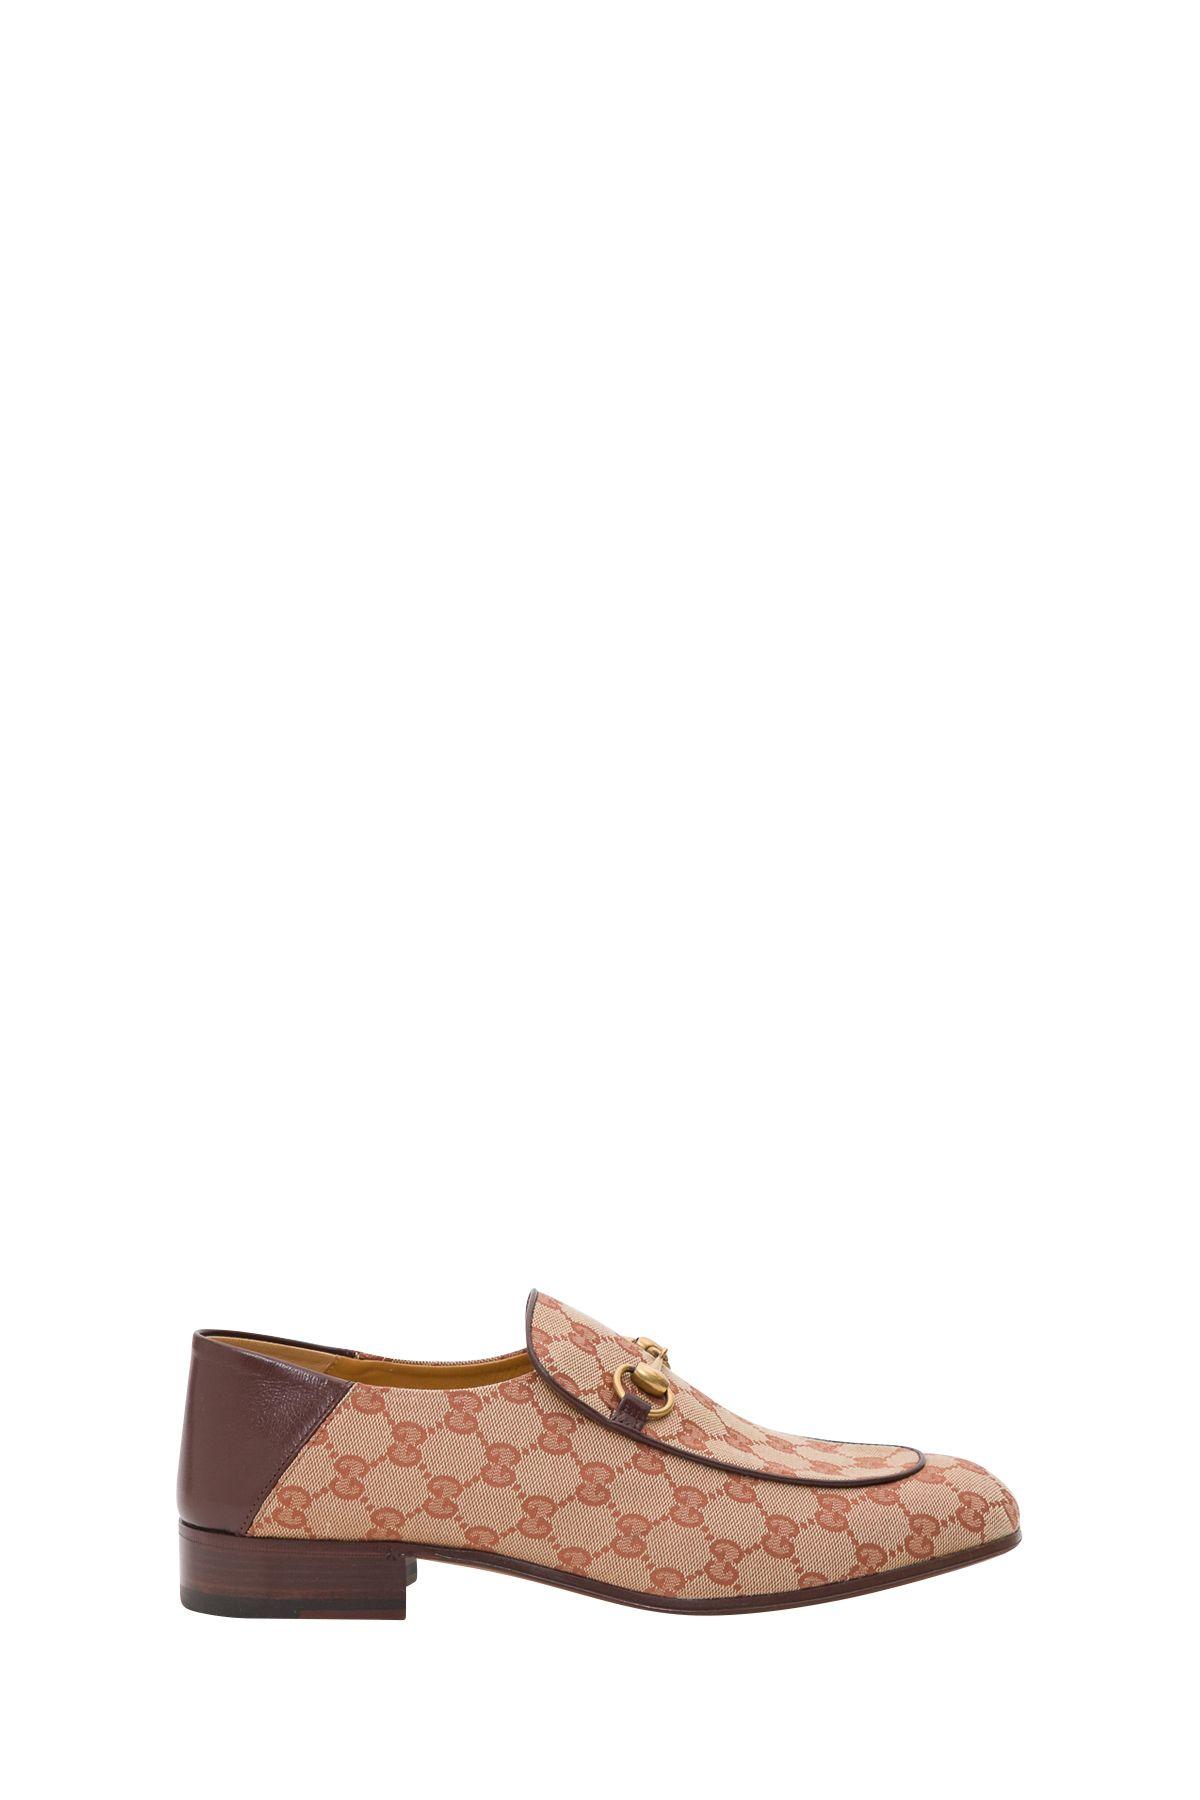 3f1ab87f73f Gucci Gucci Gg Canvas Horsebit Loafer - Brown - 10866999